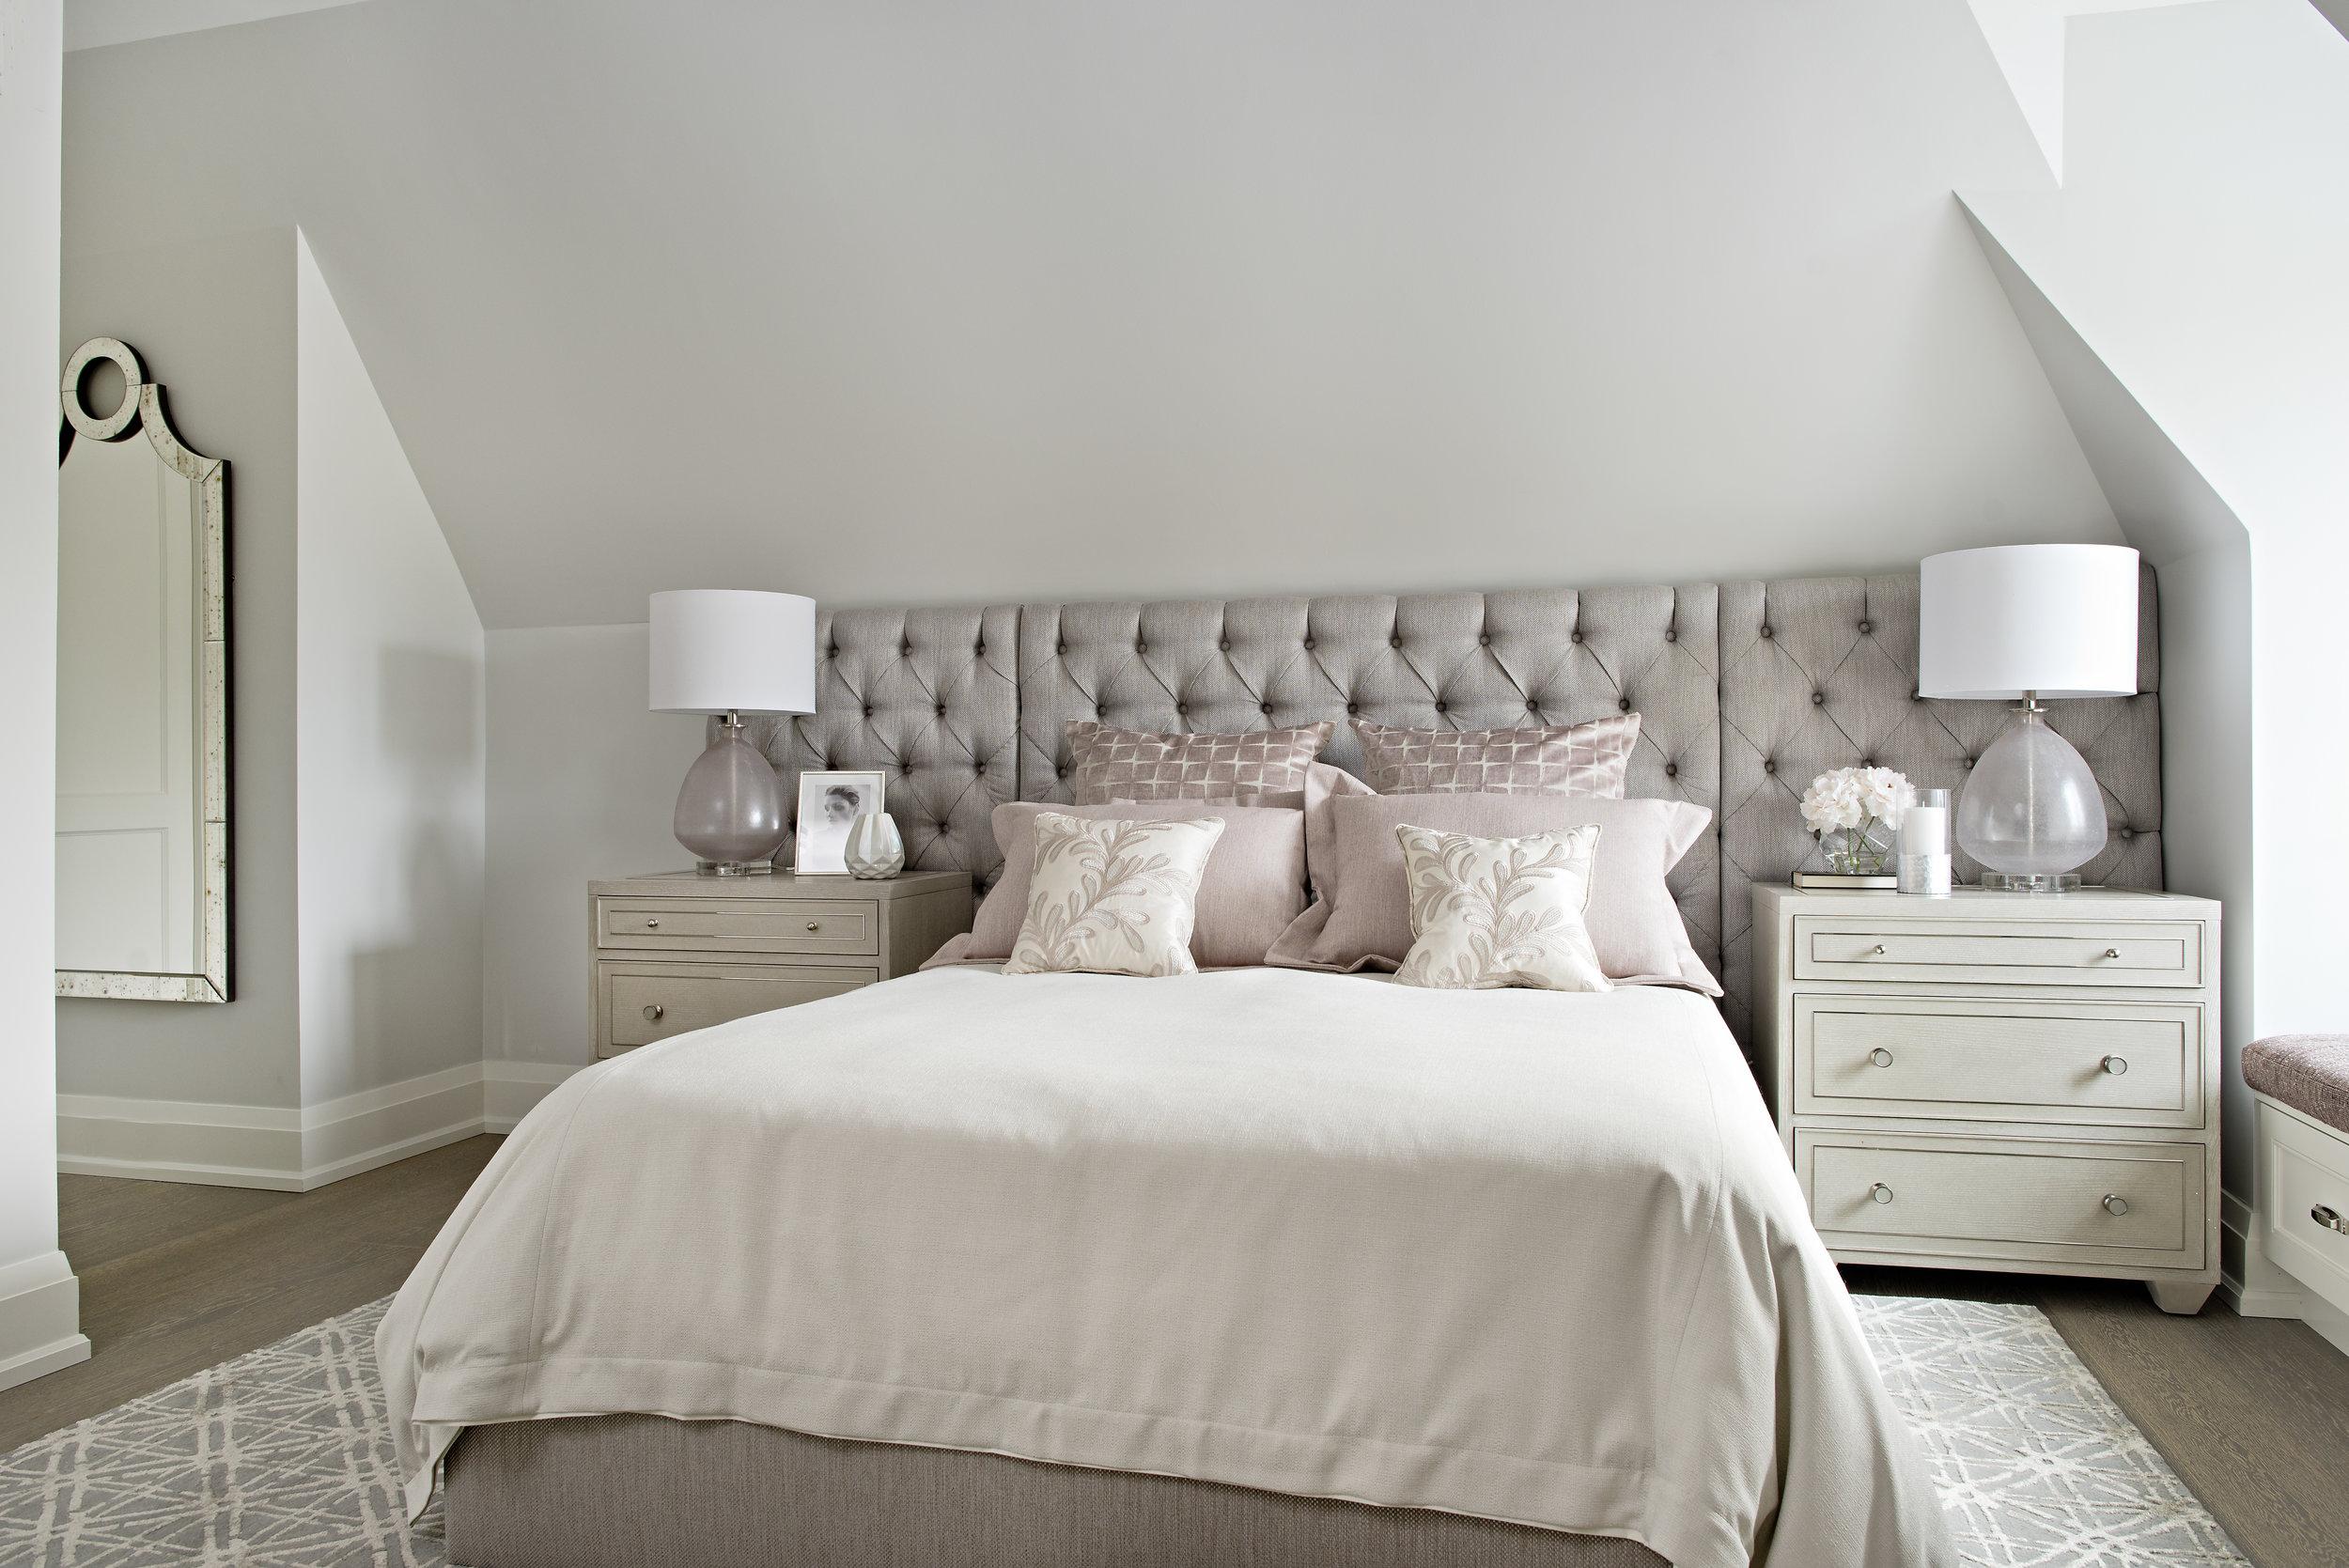 Interior Designer Pizzale Design Custom Upholstered Headboard Feminine Blush Mauve Bedroom.jpg